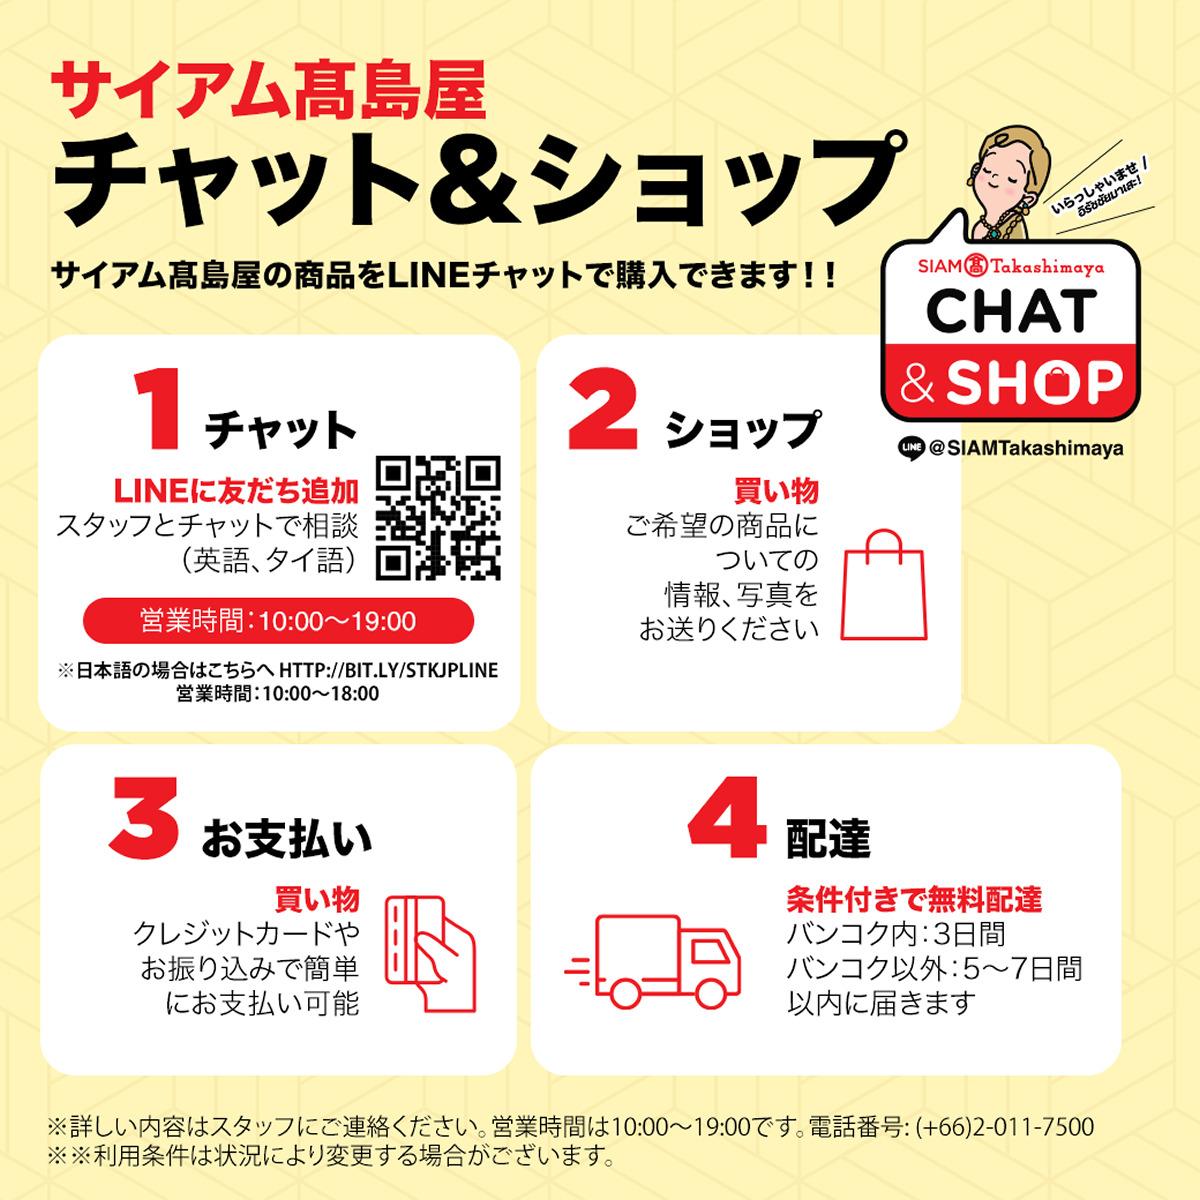 タイ唯一の日系百貨店「サイアム高島屋」でLINEを通じてお買い物、月末までのプロモも